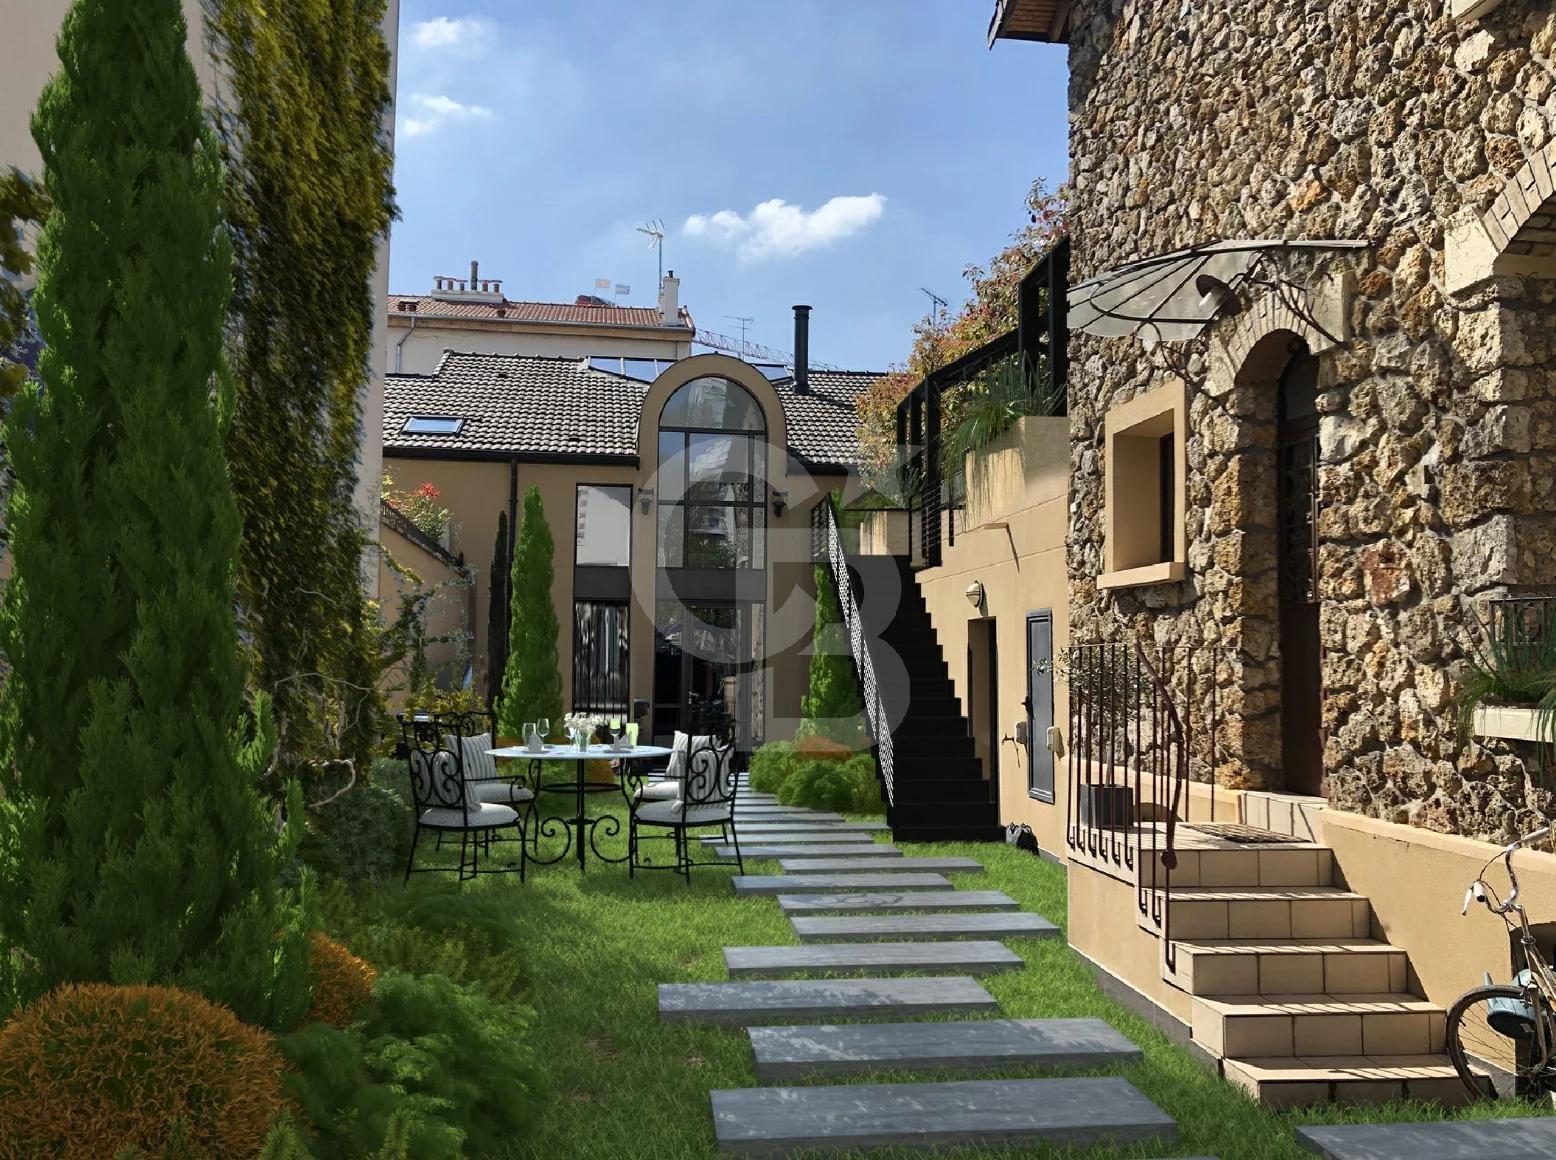 Maison a vendre boulogne-billancourt - 10 pièce(s) - 446.71 m2 - Surfyn